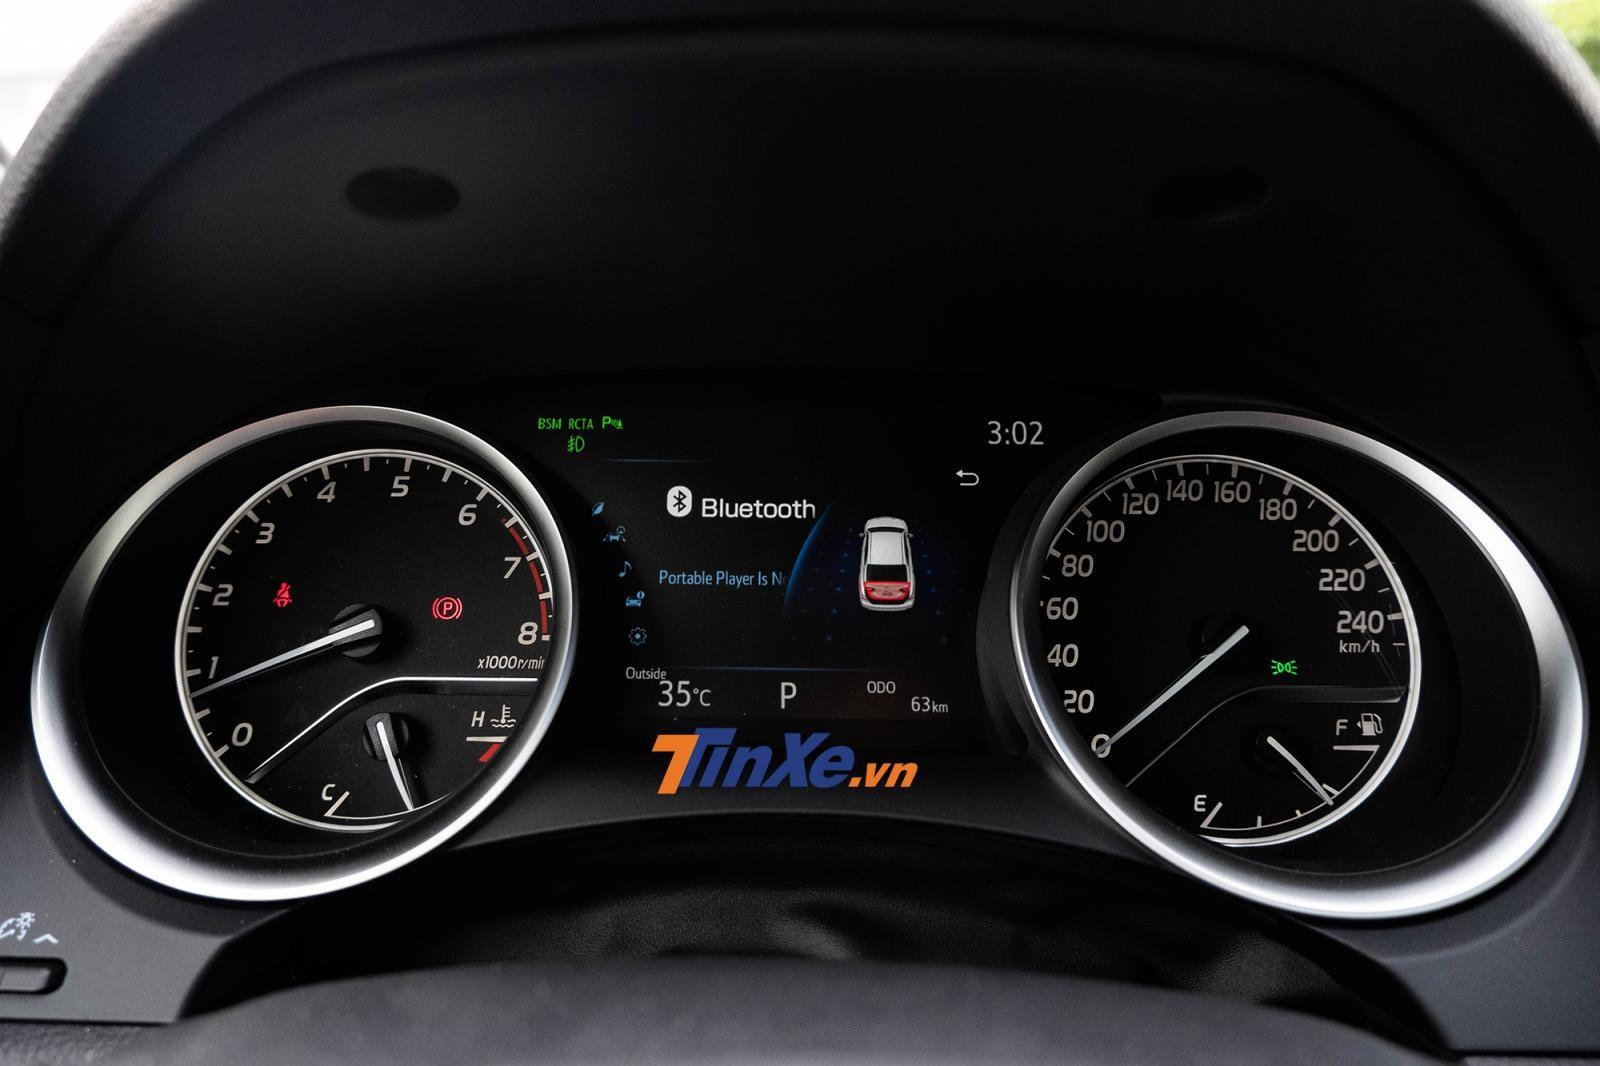 Cụm đồng hồ Optitron phối hợp cùng màn hình TFT 7 inch trên bản 2.5Q còn màn hình trên bản 2.0G sẽ chỉ có cỡ 4,2 inch